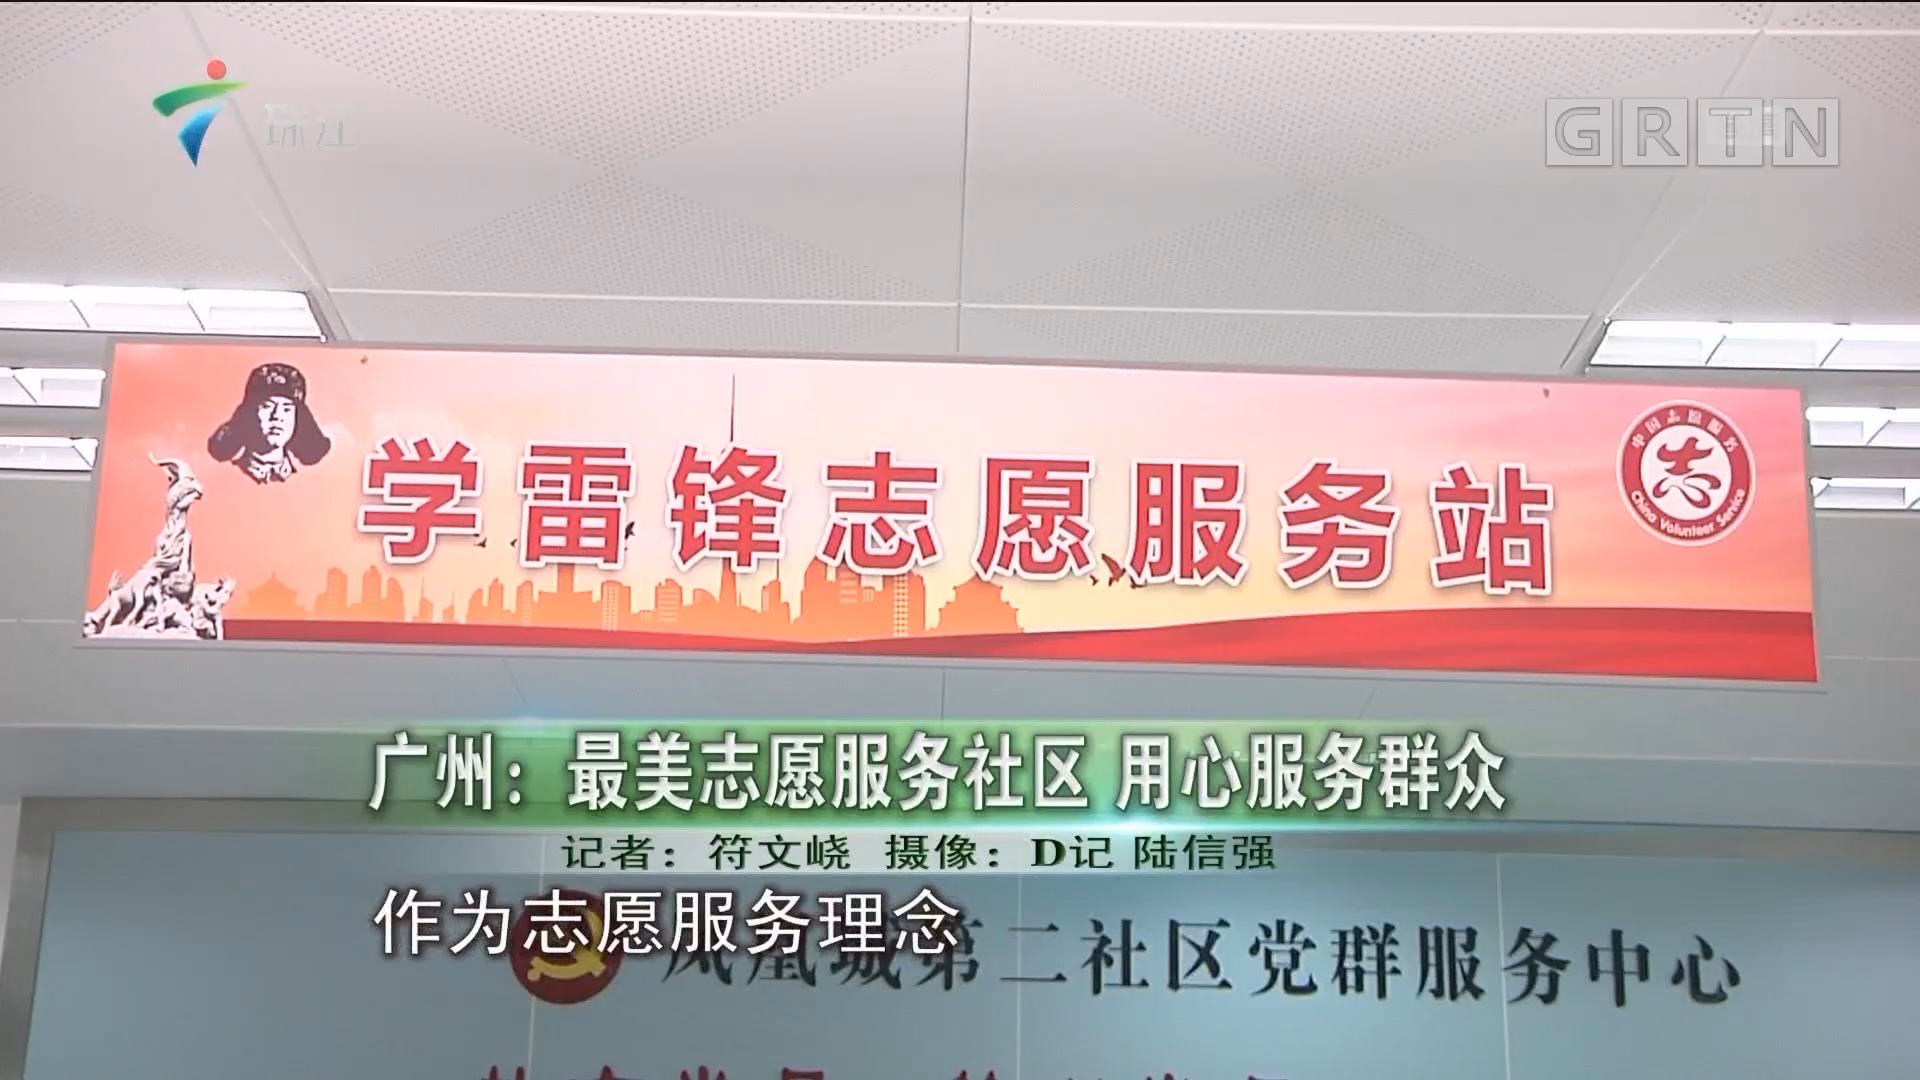 广州:最美志愿服务社区 用心服务群众